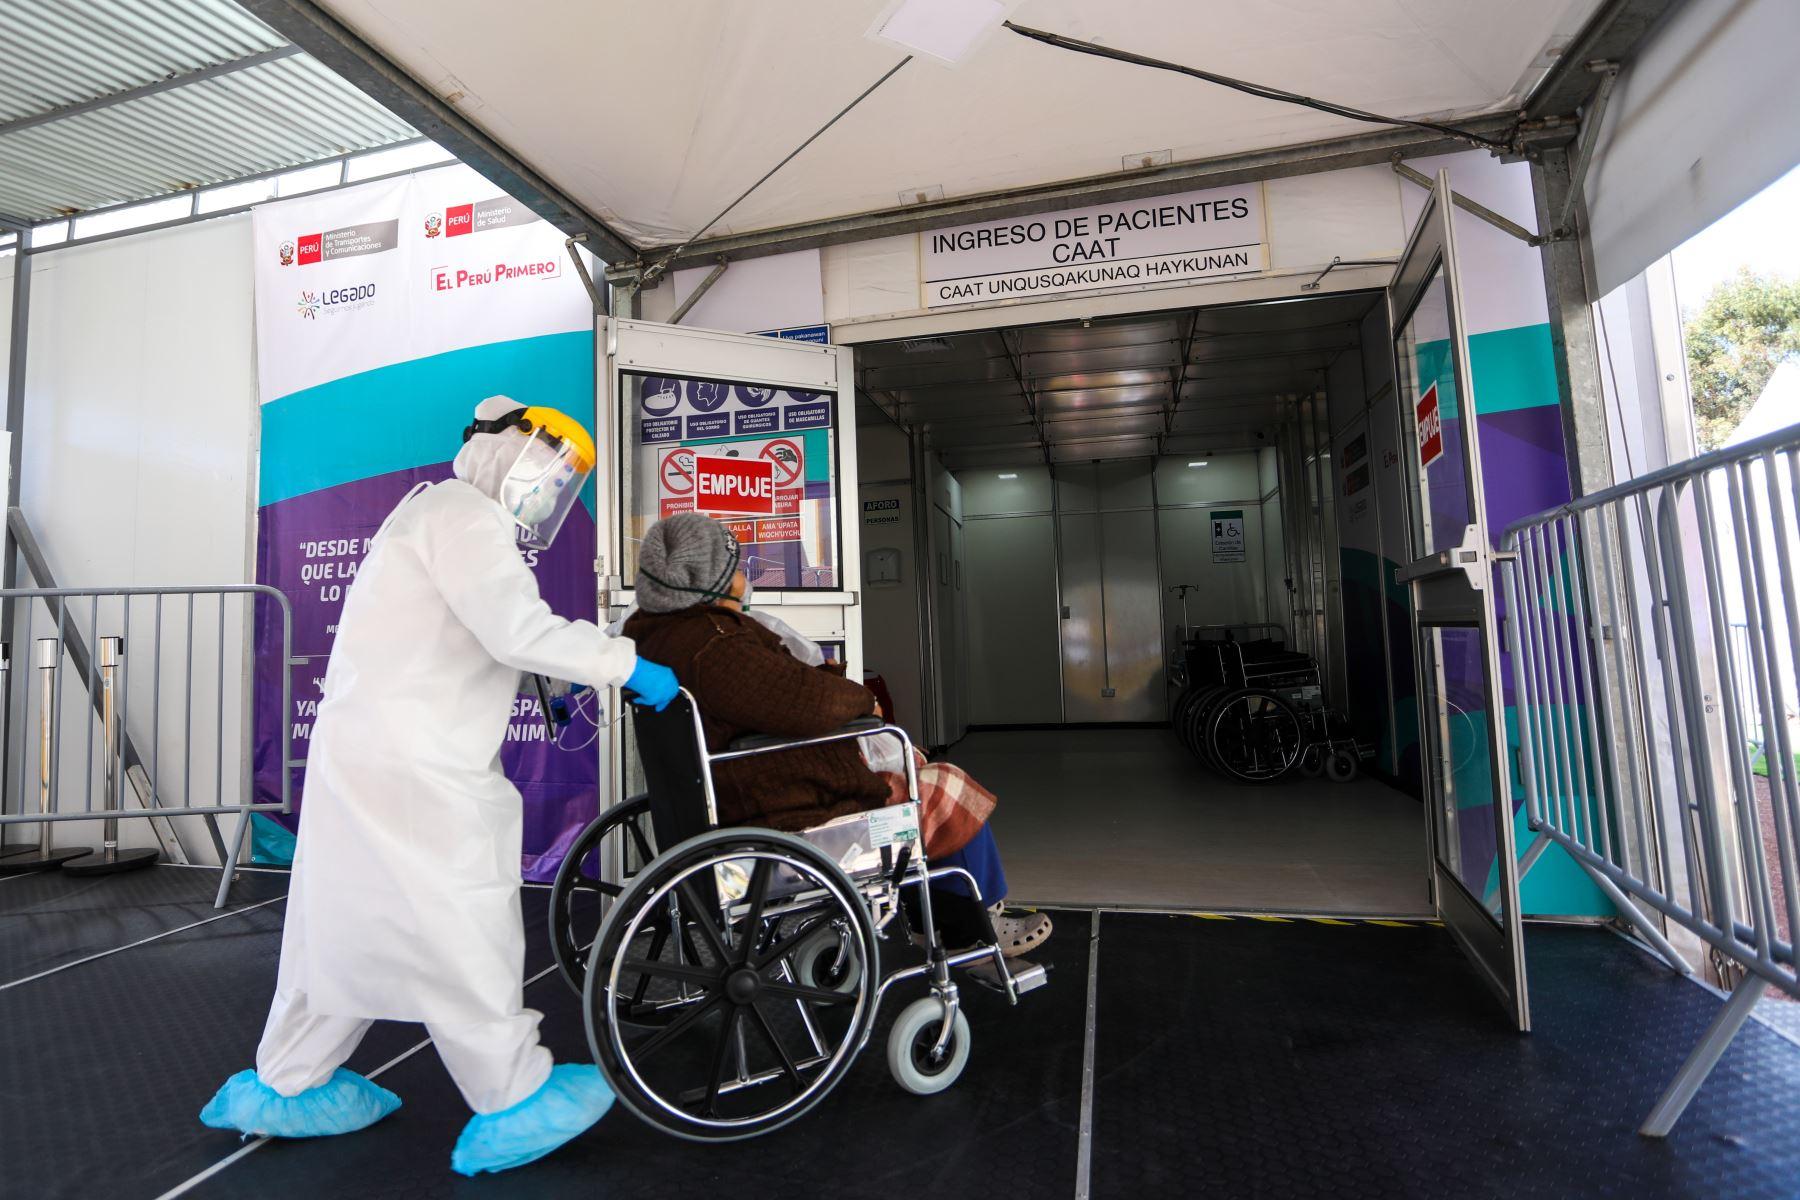 Centro de atención temporal de Juliaca recibe a sus primeros pacientes covid-19 | Noticias